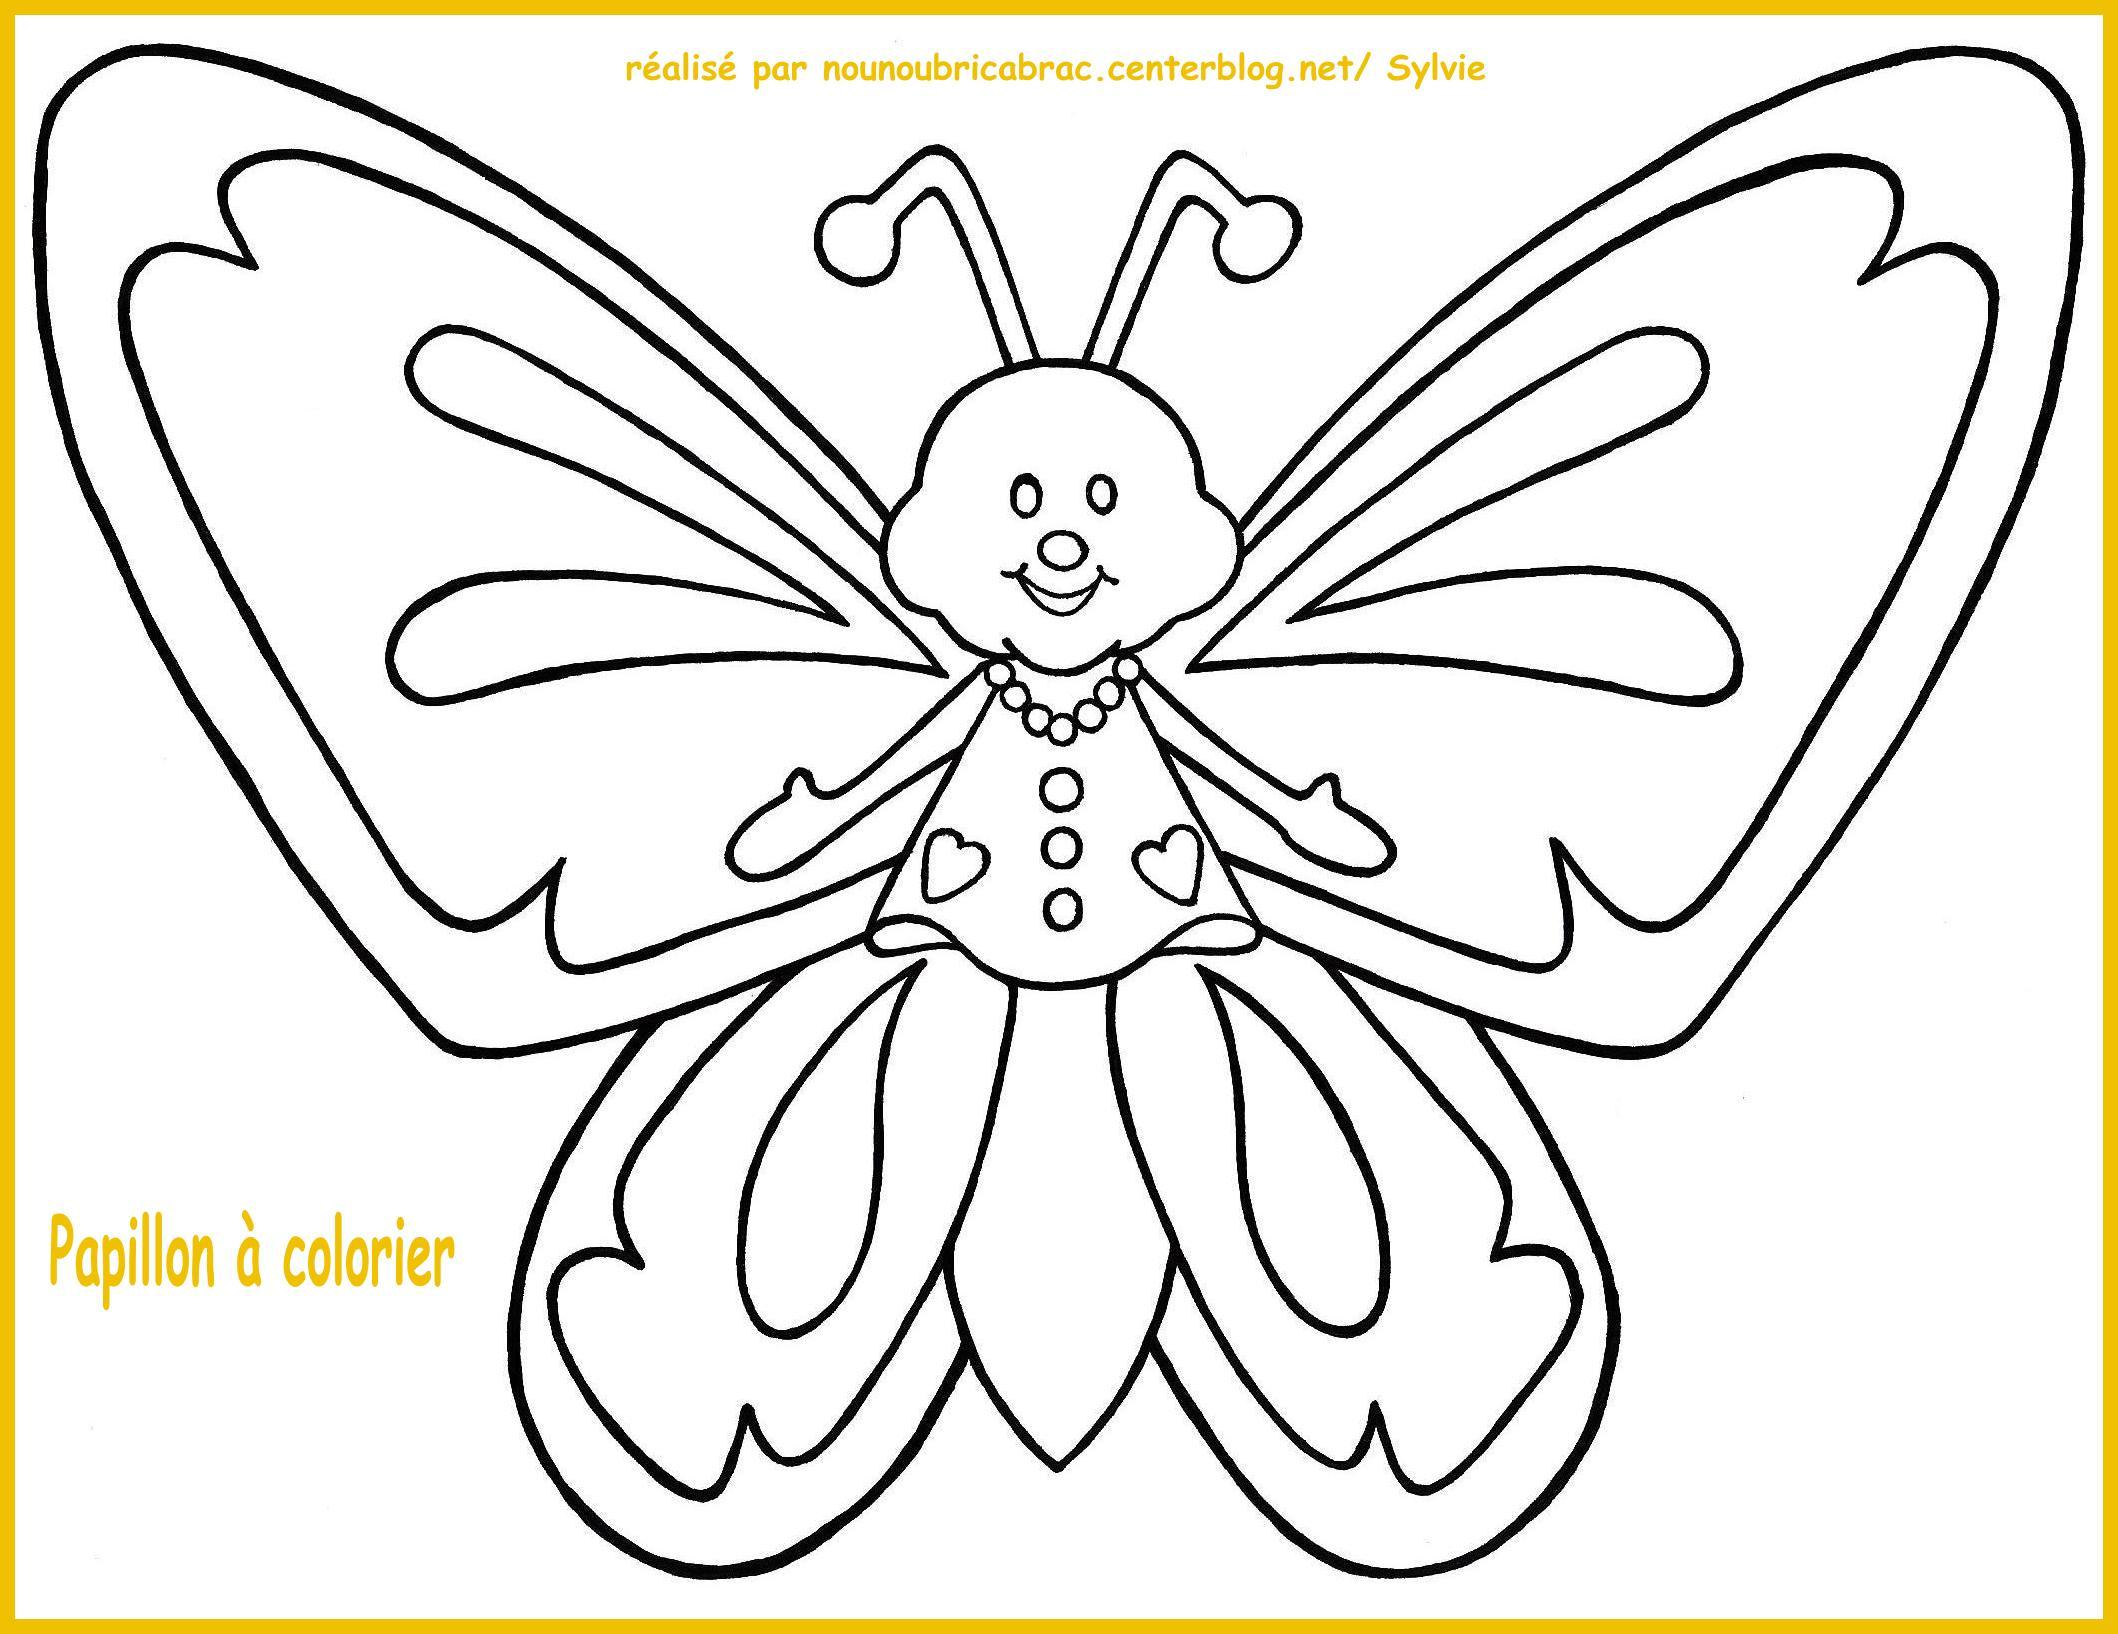 12 dessins de coloriage oui oui imprimer a4 imprimer - Dessin en relief a imprimer ...